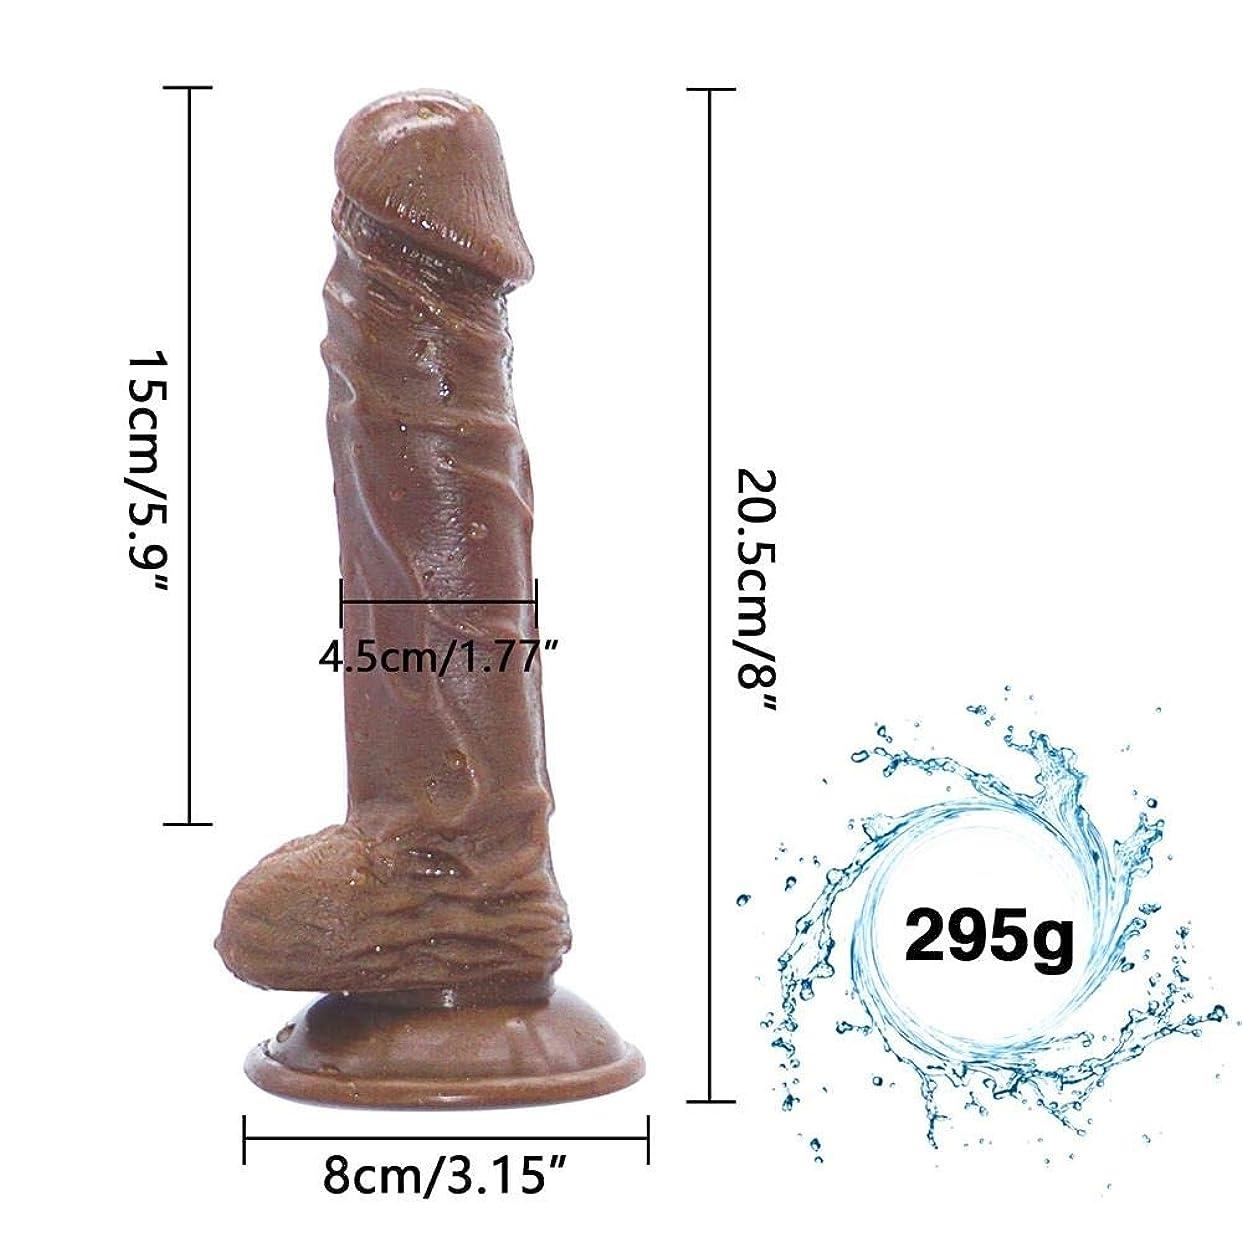 主マウント省SUON 女性のカップルのためのリアルな8インチの強力な6おもちゃ